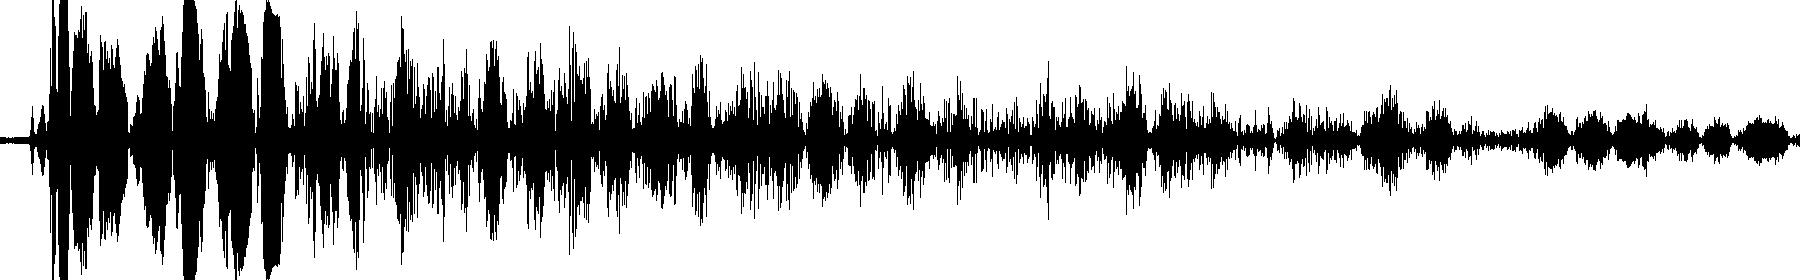 snare2 101db b